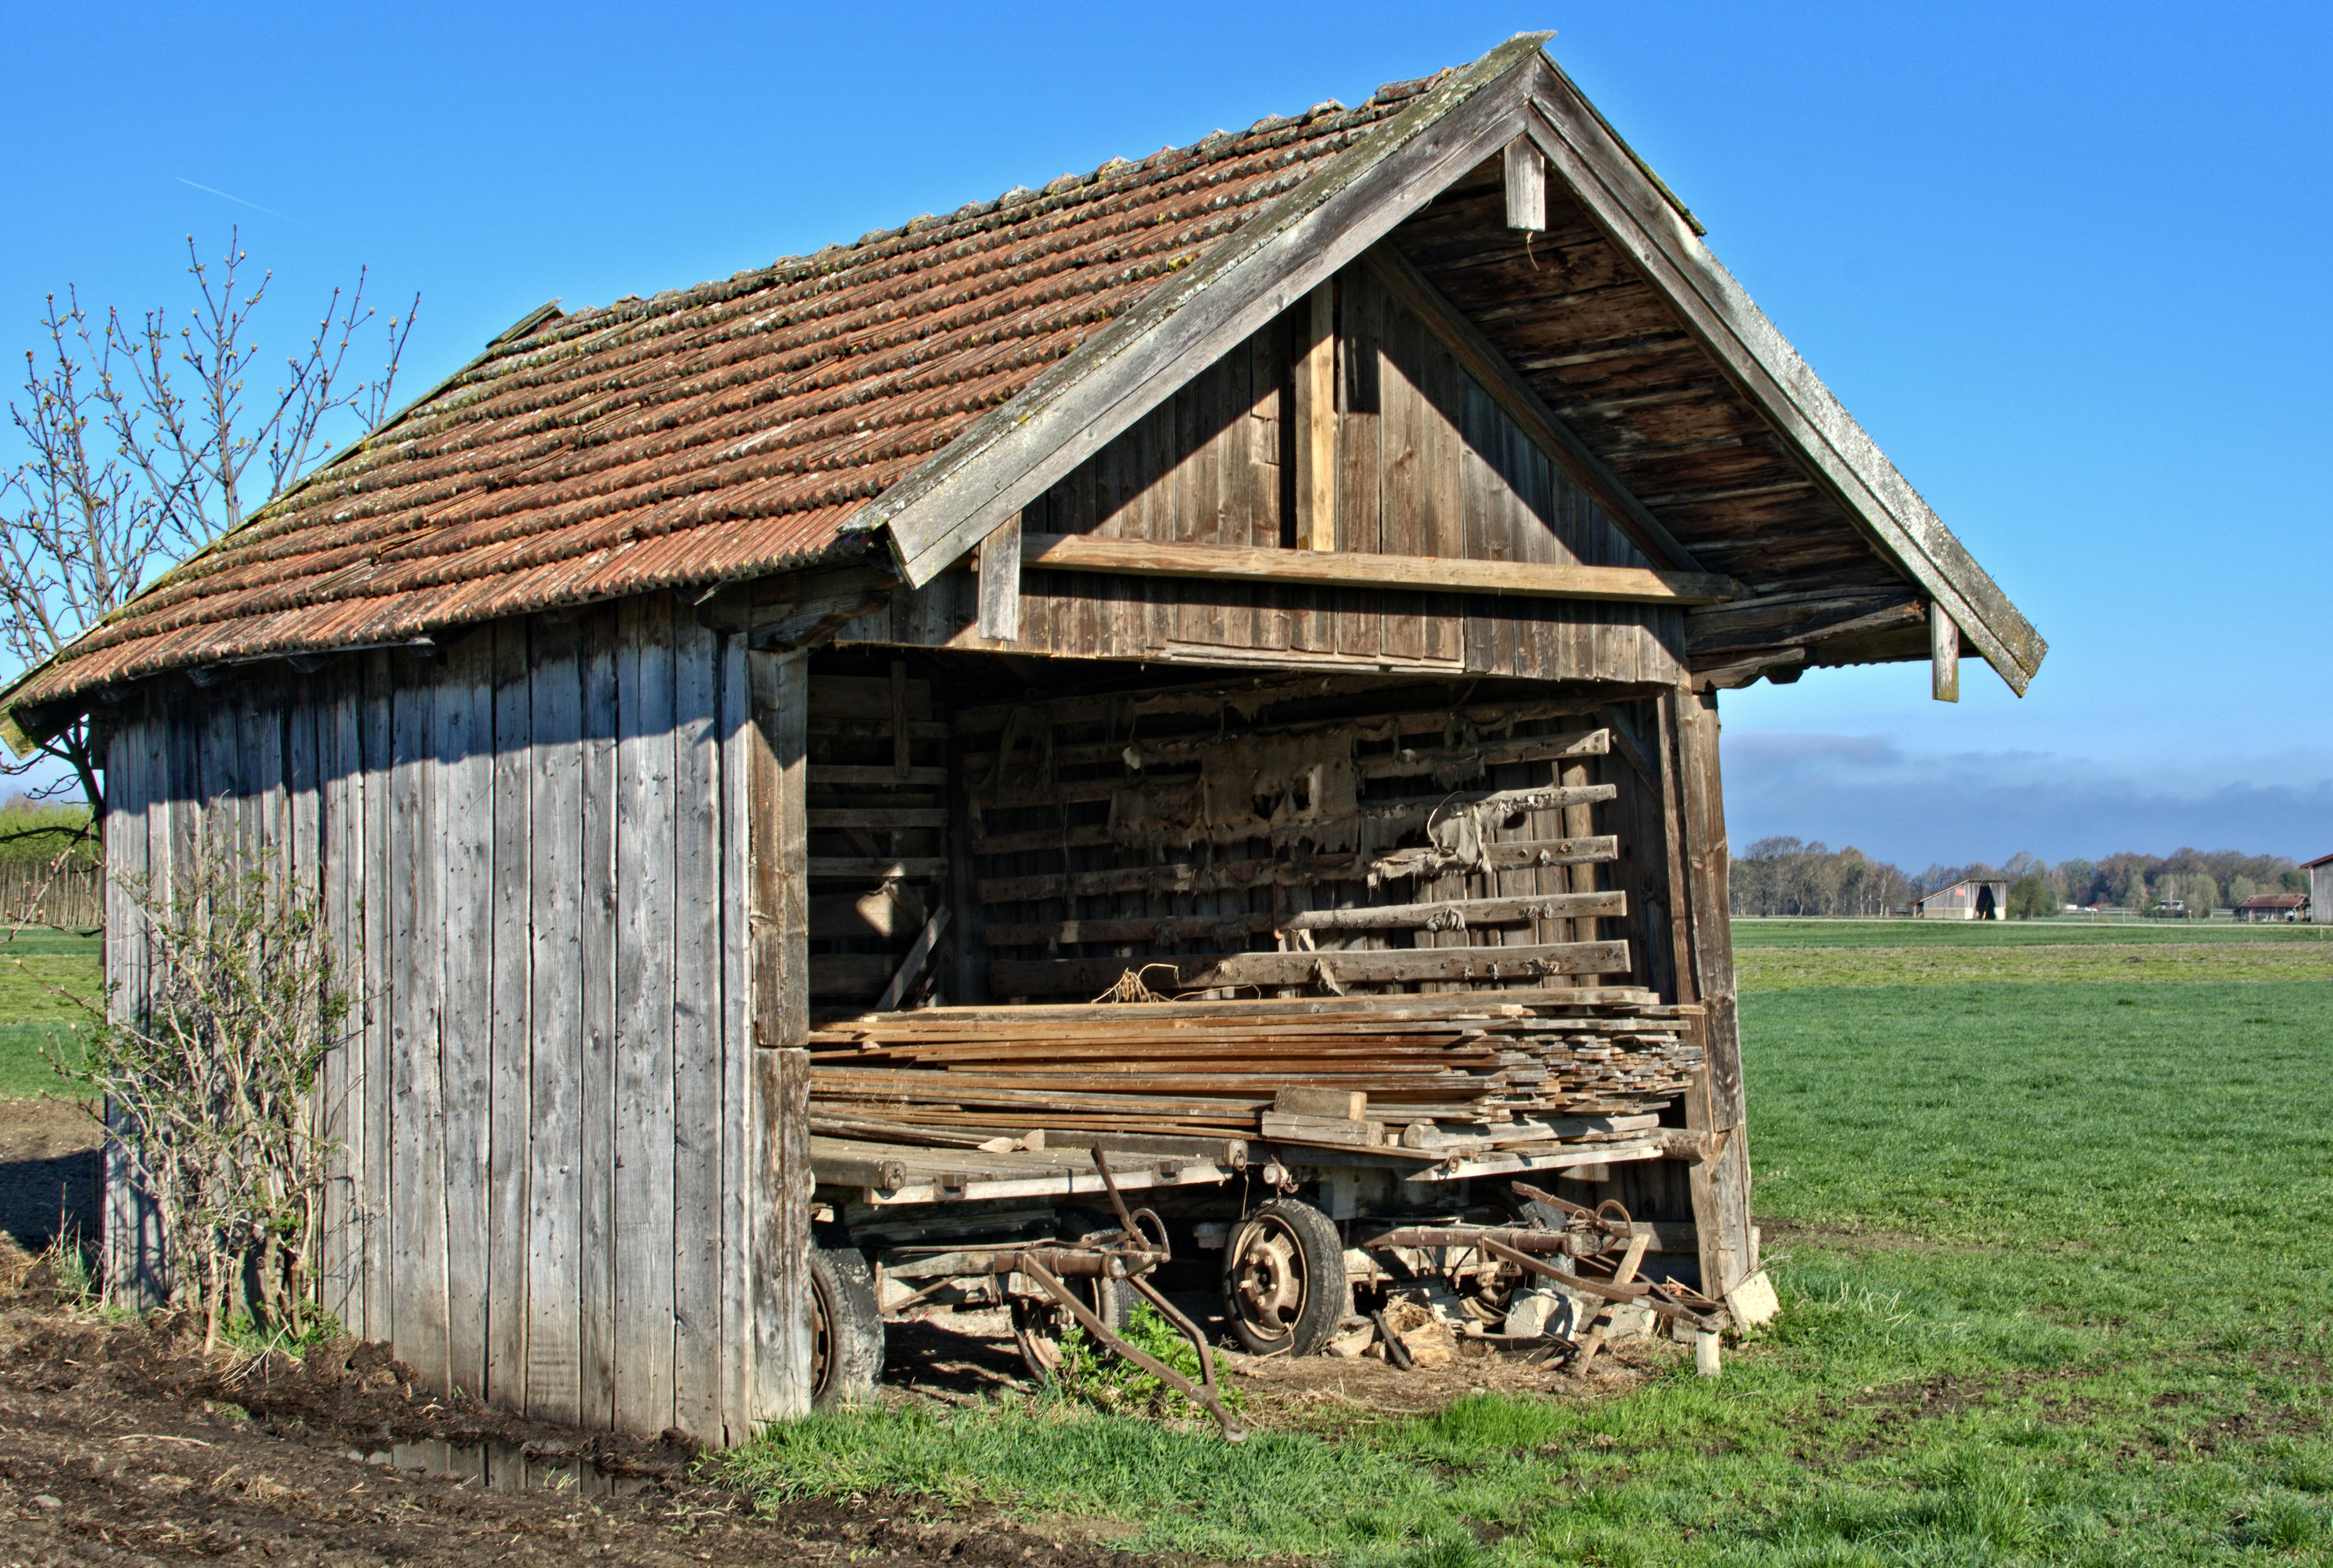 Kostenlose foto : Natur, die Architektur, Holz, Bauernhof, Wiese ...